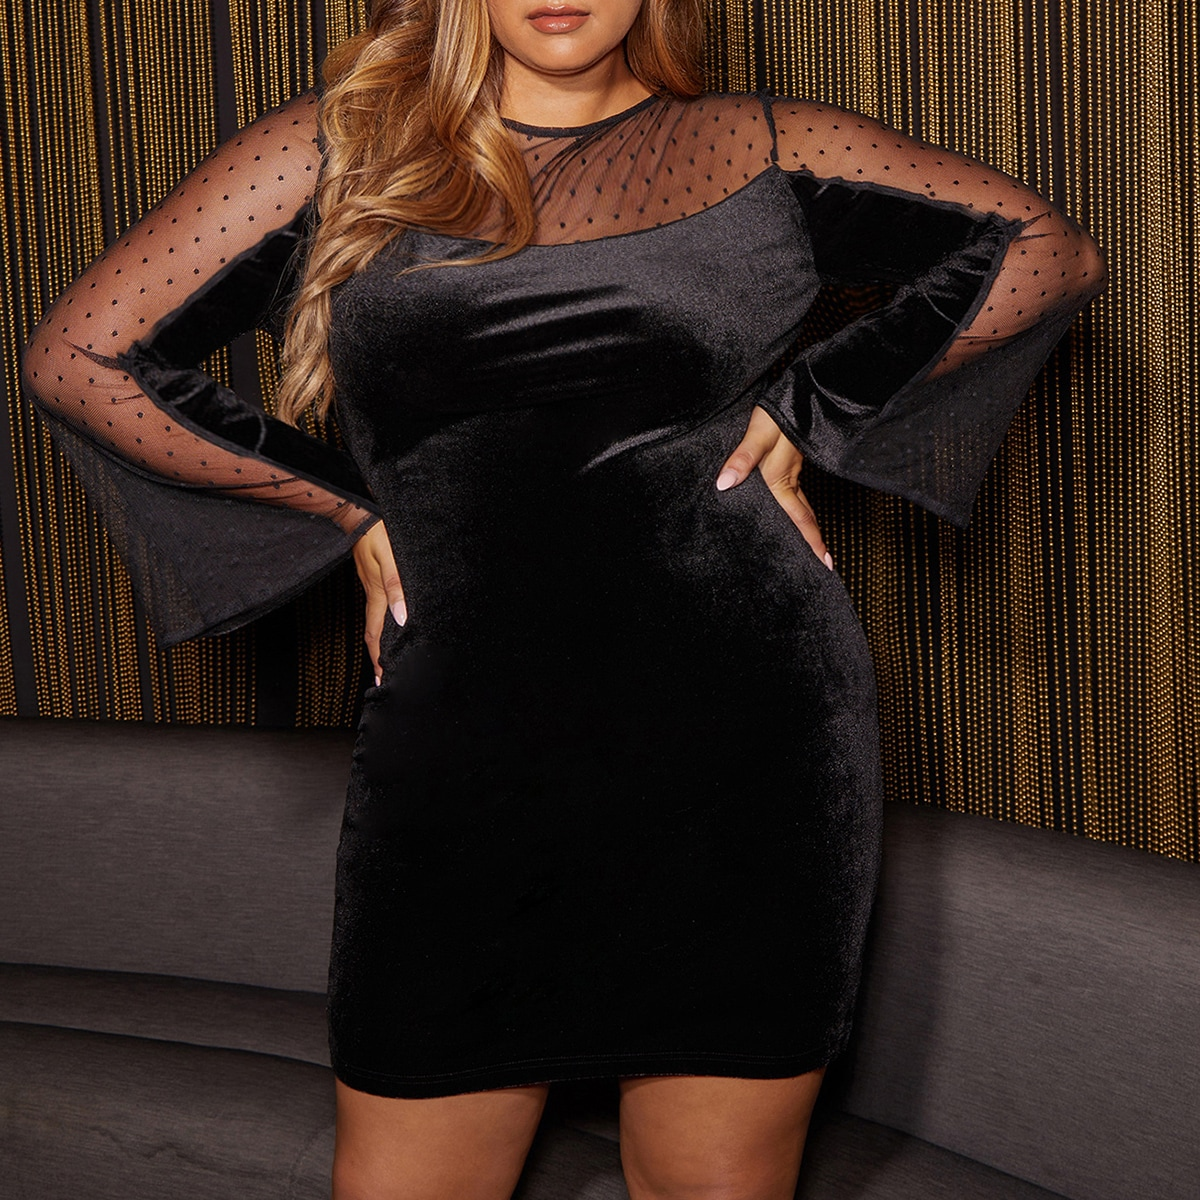 Бархатное платье с сетчатым рукавом размера плюс